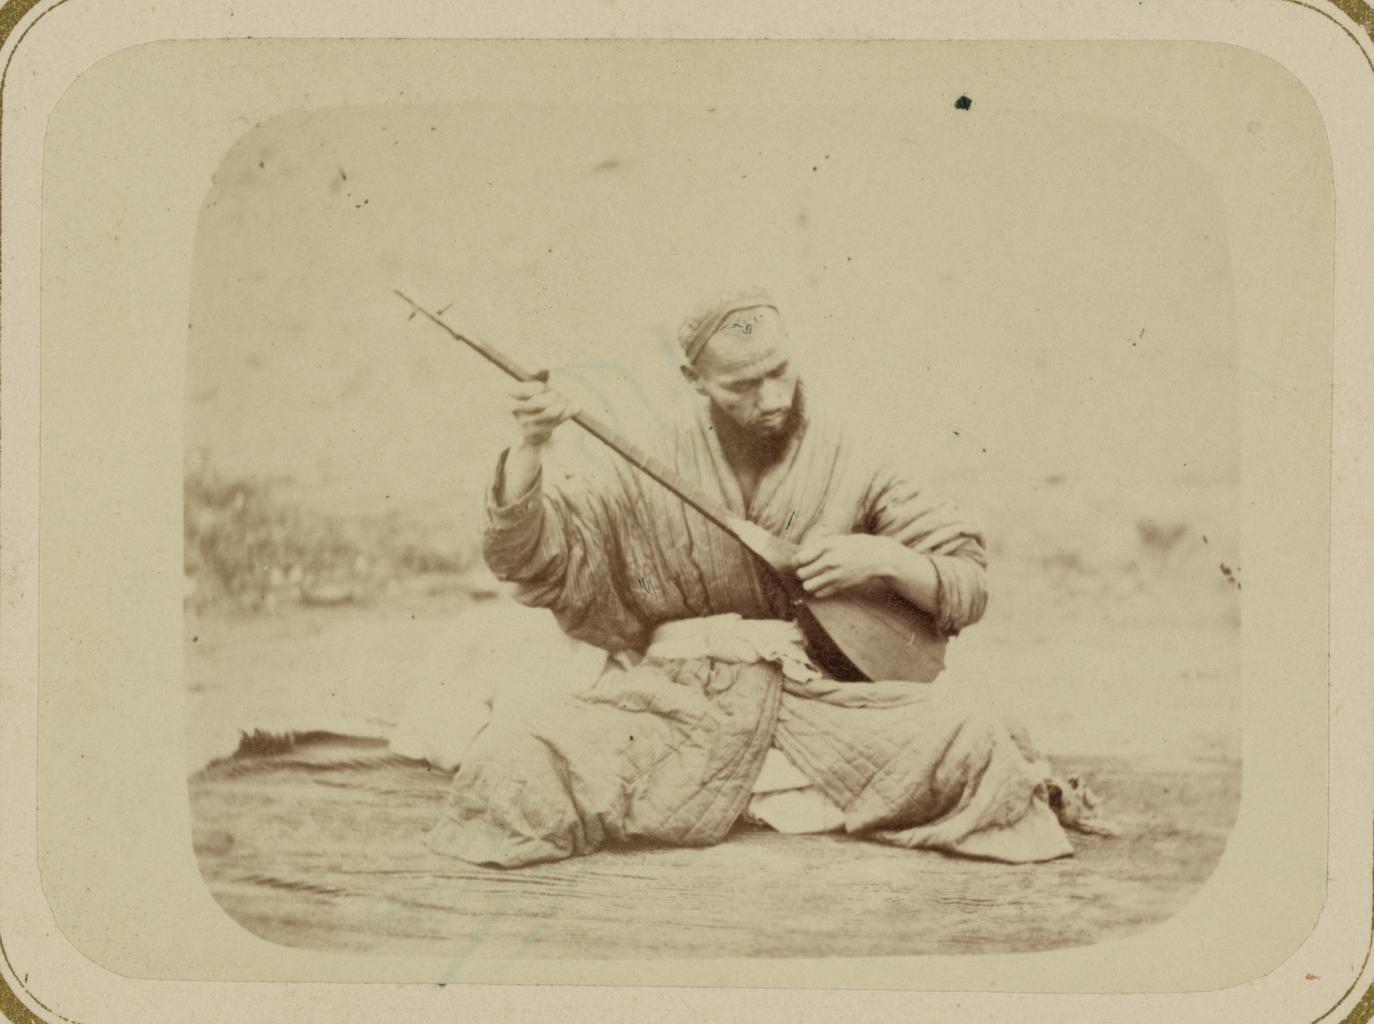 Музыкальные инструменты и музыканты. Мужчина за игрой на дутаре - лютне с ладами и длинным грифом